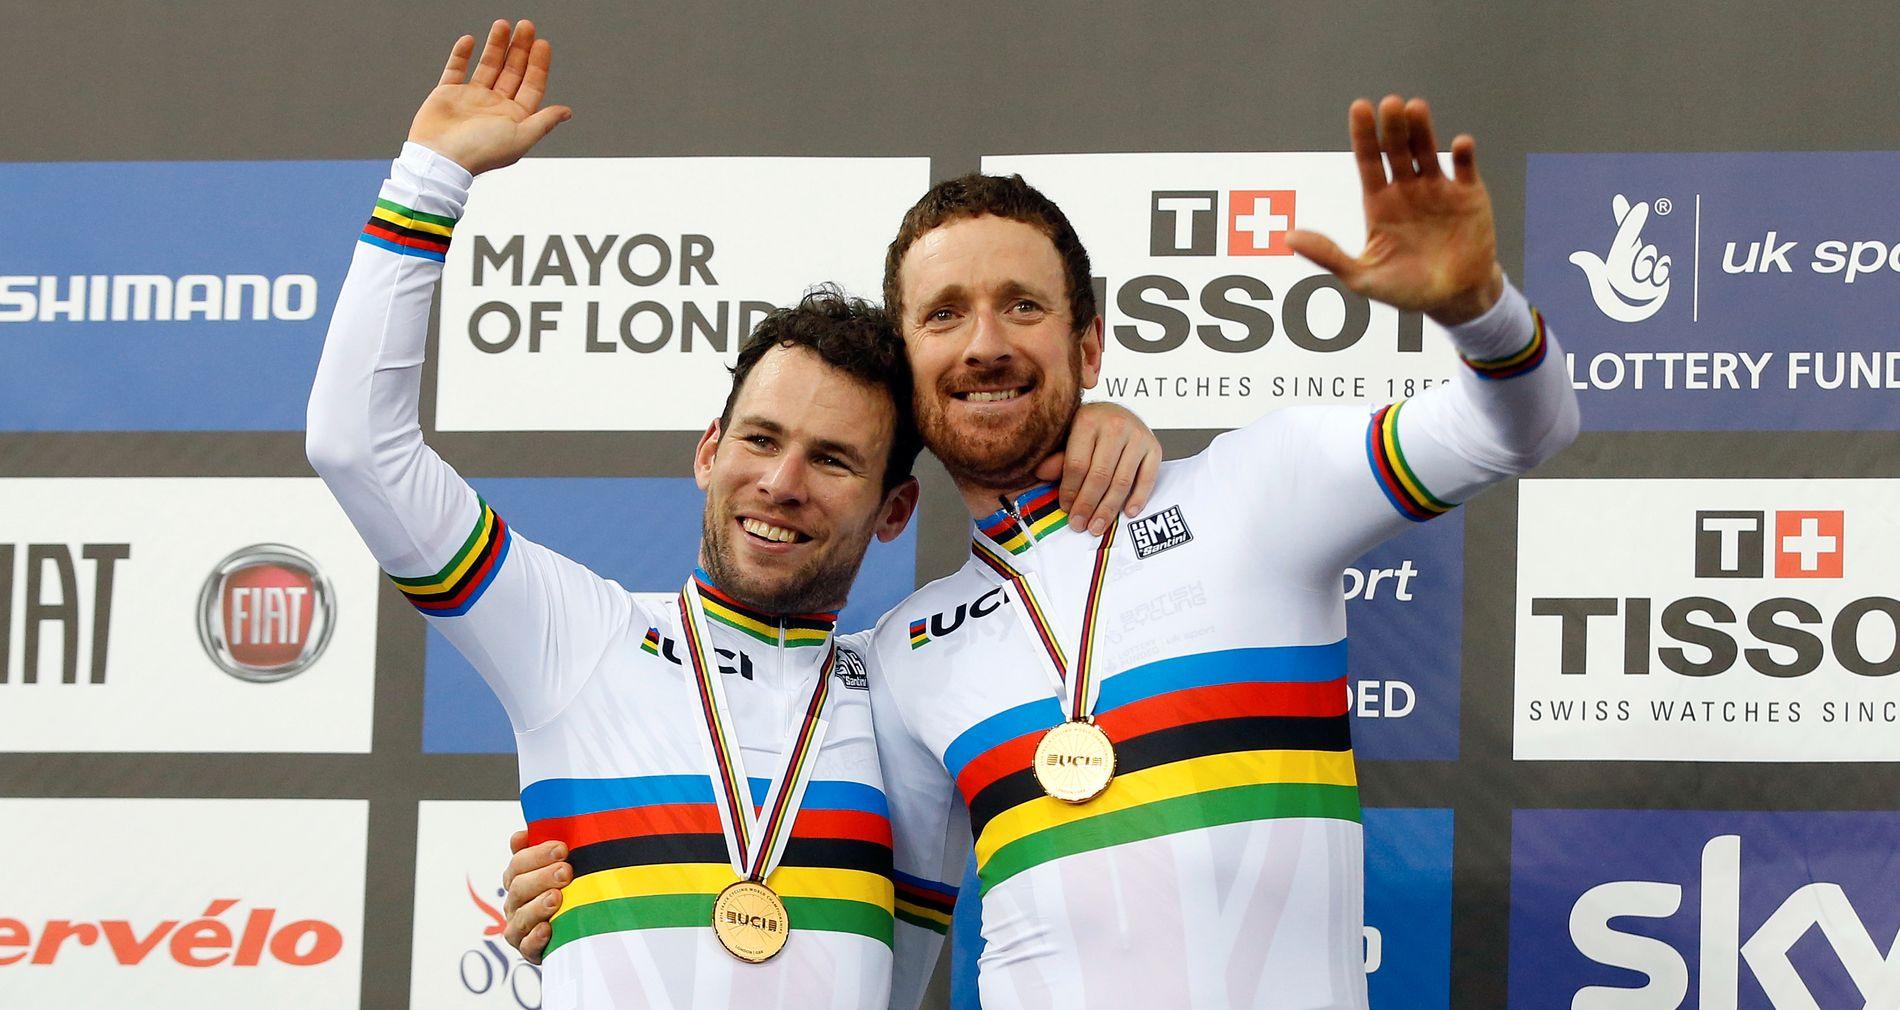 GODE VENNER? Mark Cavendish og Bradley Wiggins var en gang gode venner. Her feirer de på podiet etter å ha tatt gull i Mens Madison World Track Cycling mesterskapet i London tidligere i år.